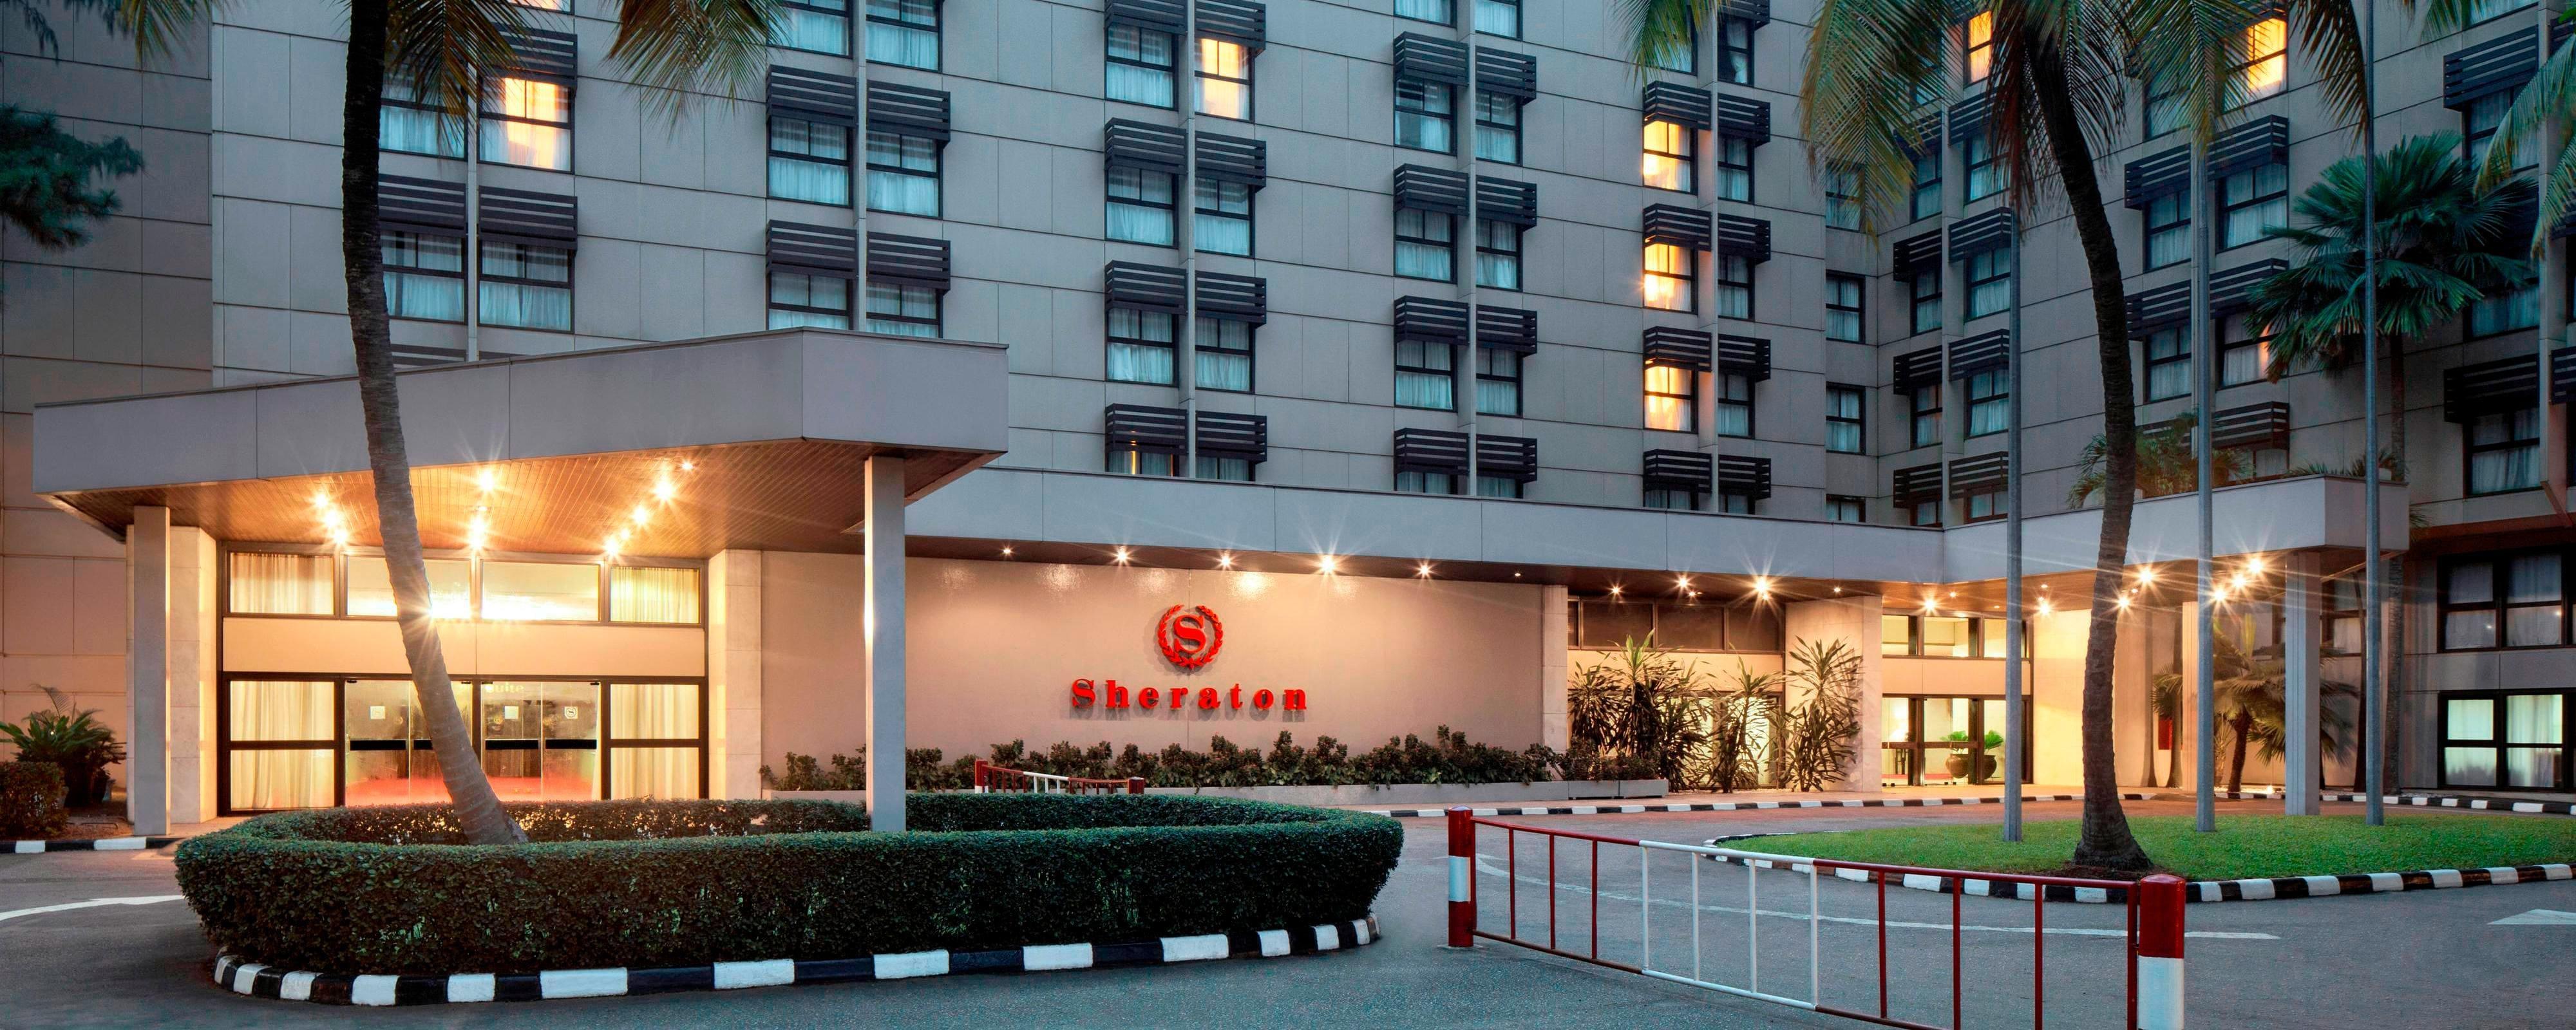 Airport Hotel In Lagos Nigeria Sheraton Lagos Hotel